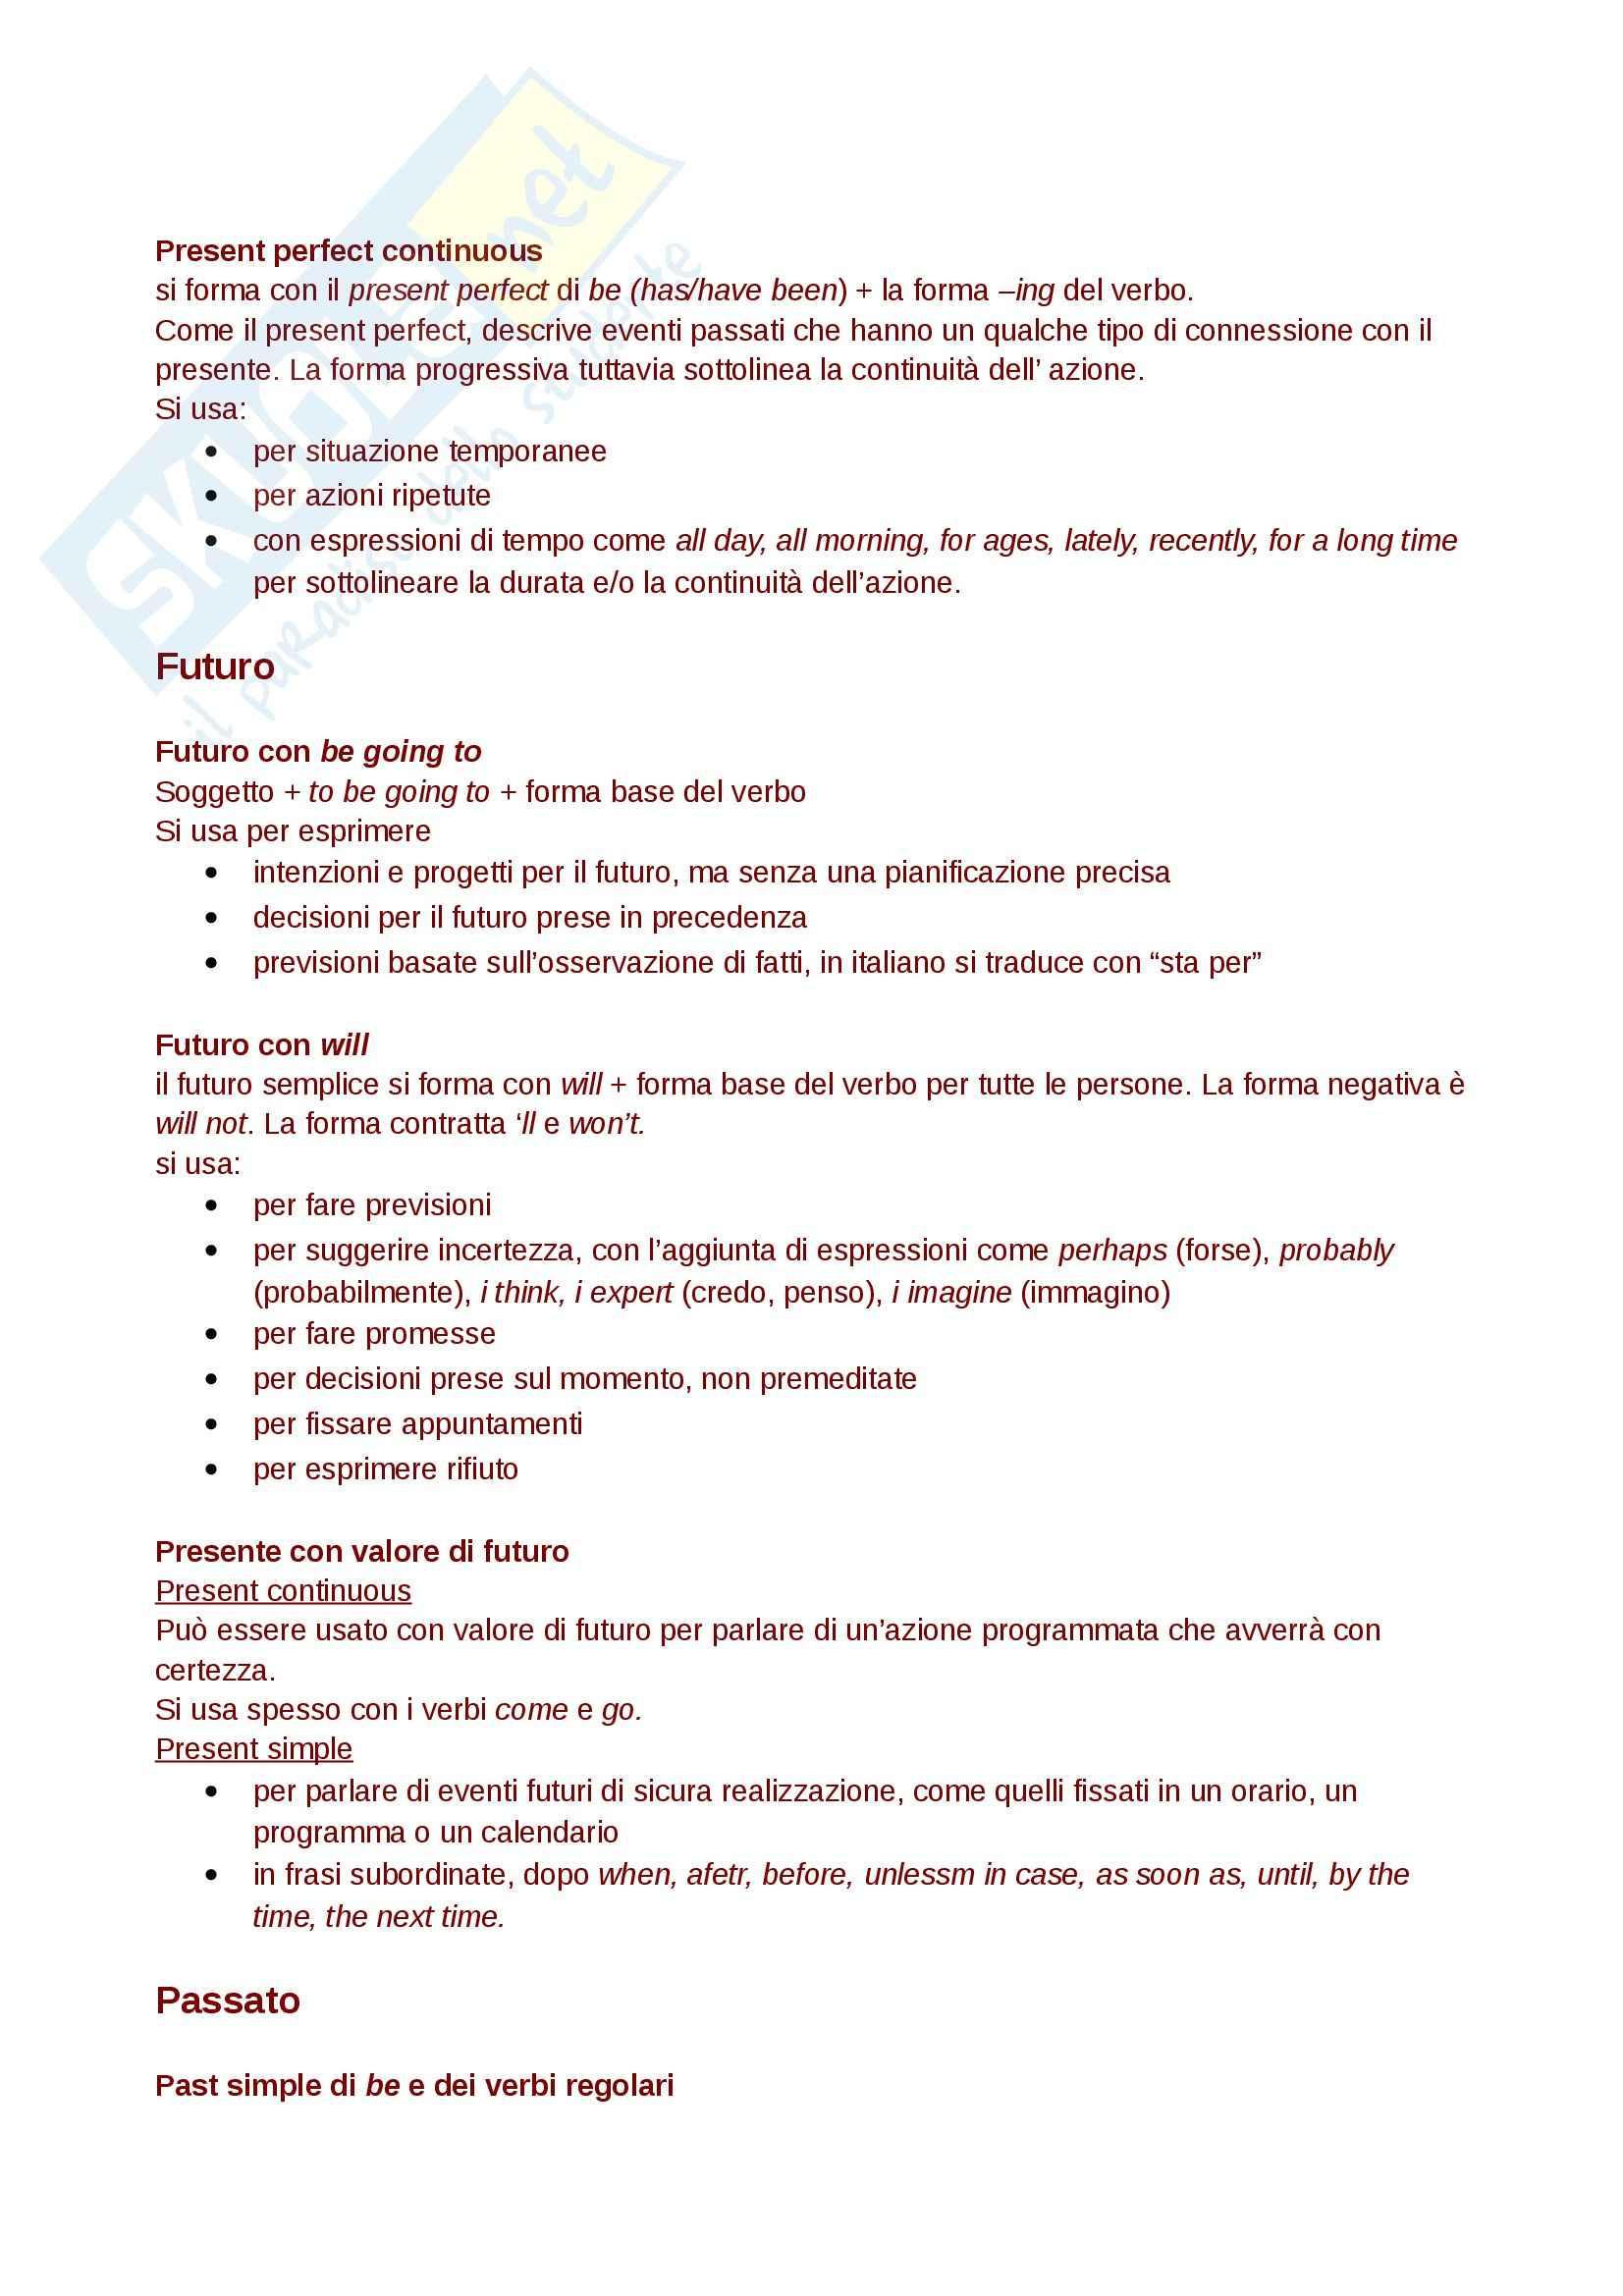 Regole di Base della grammatica inglese, livello B2 Pag. 2